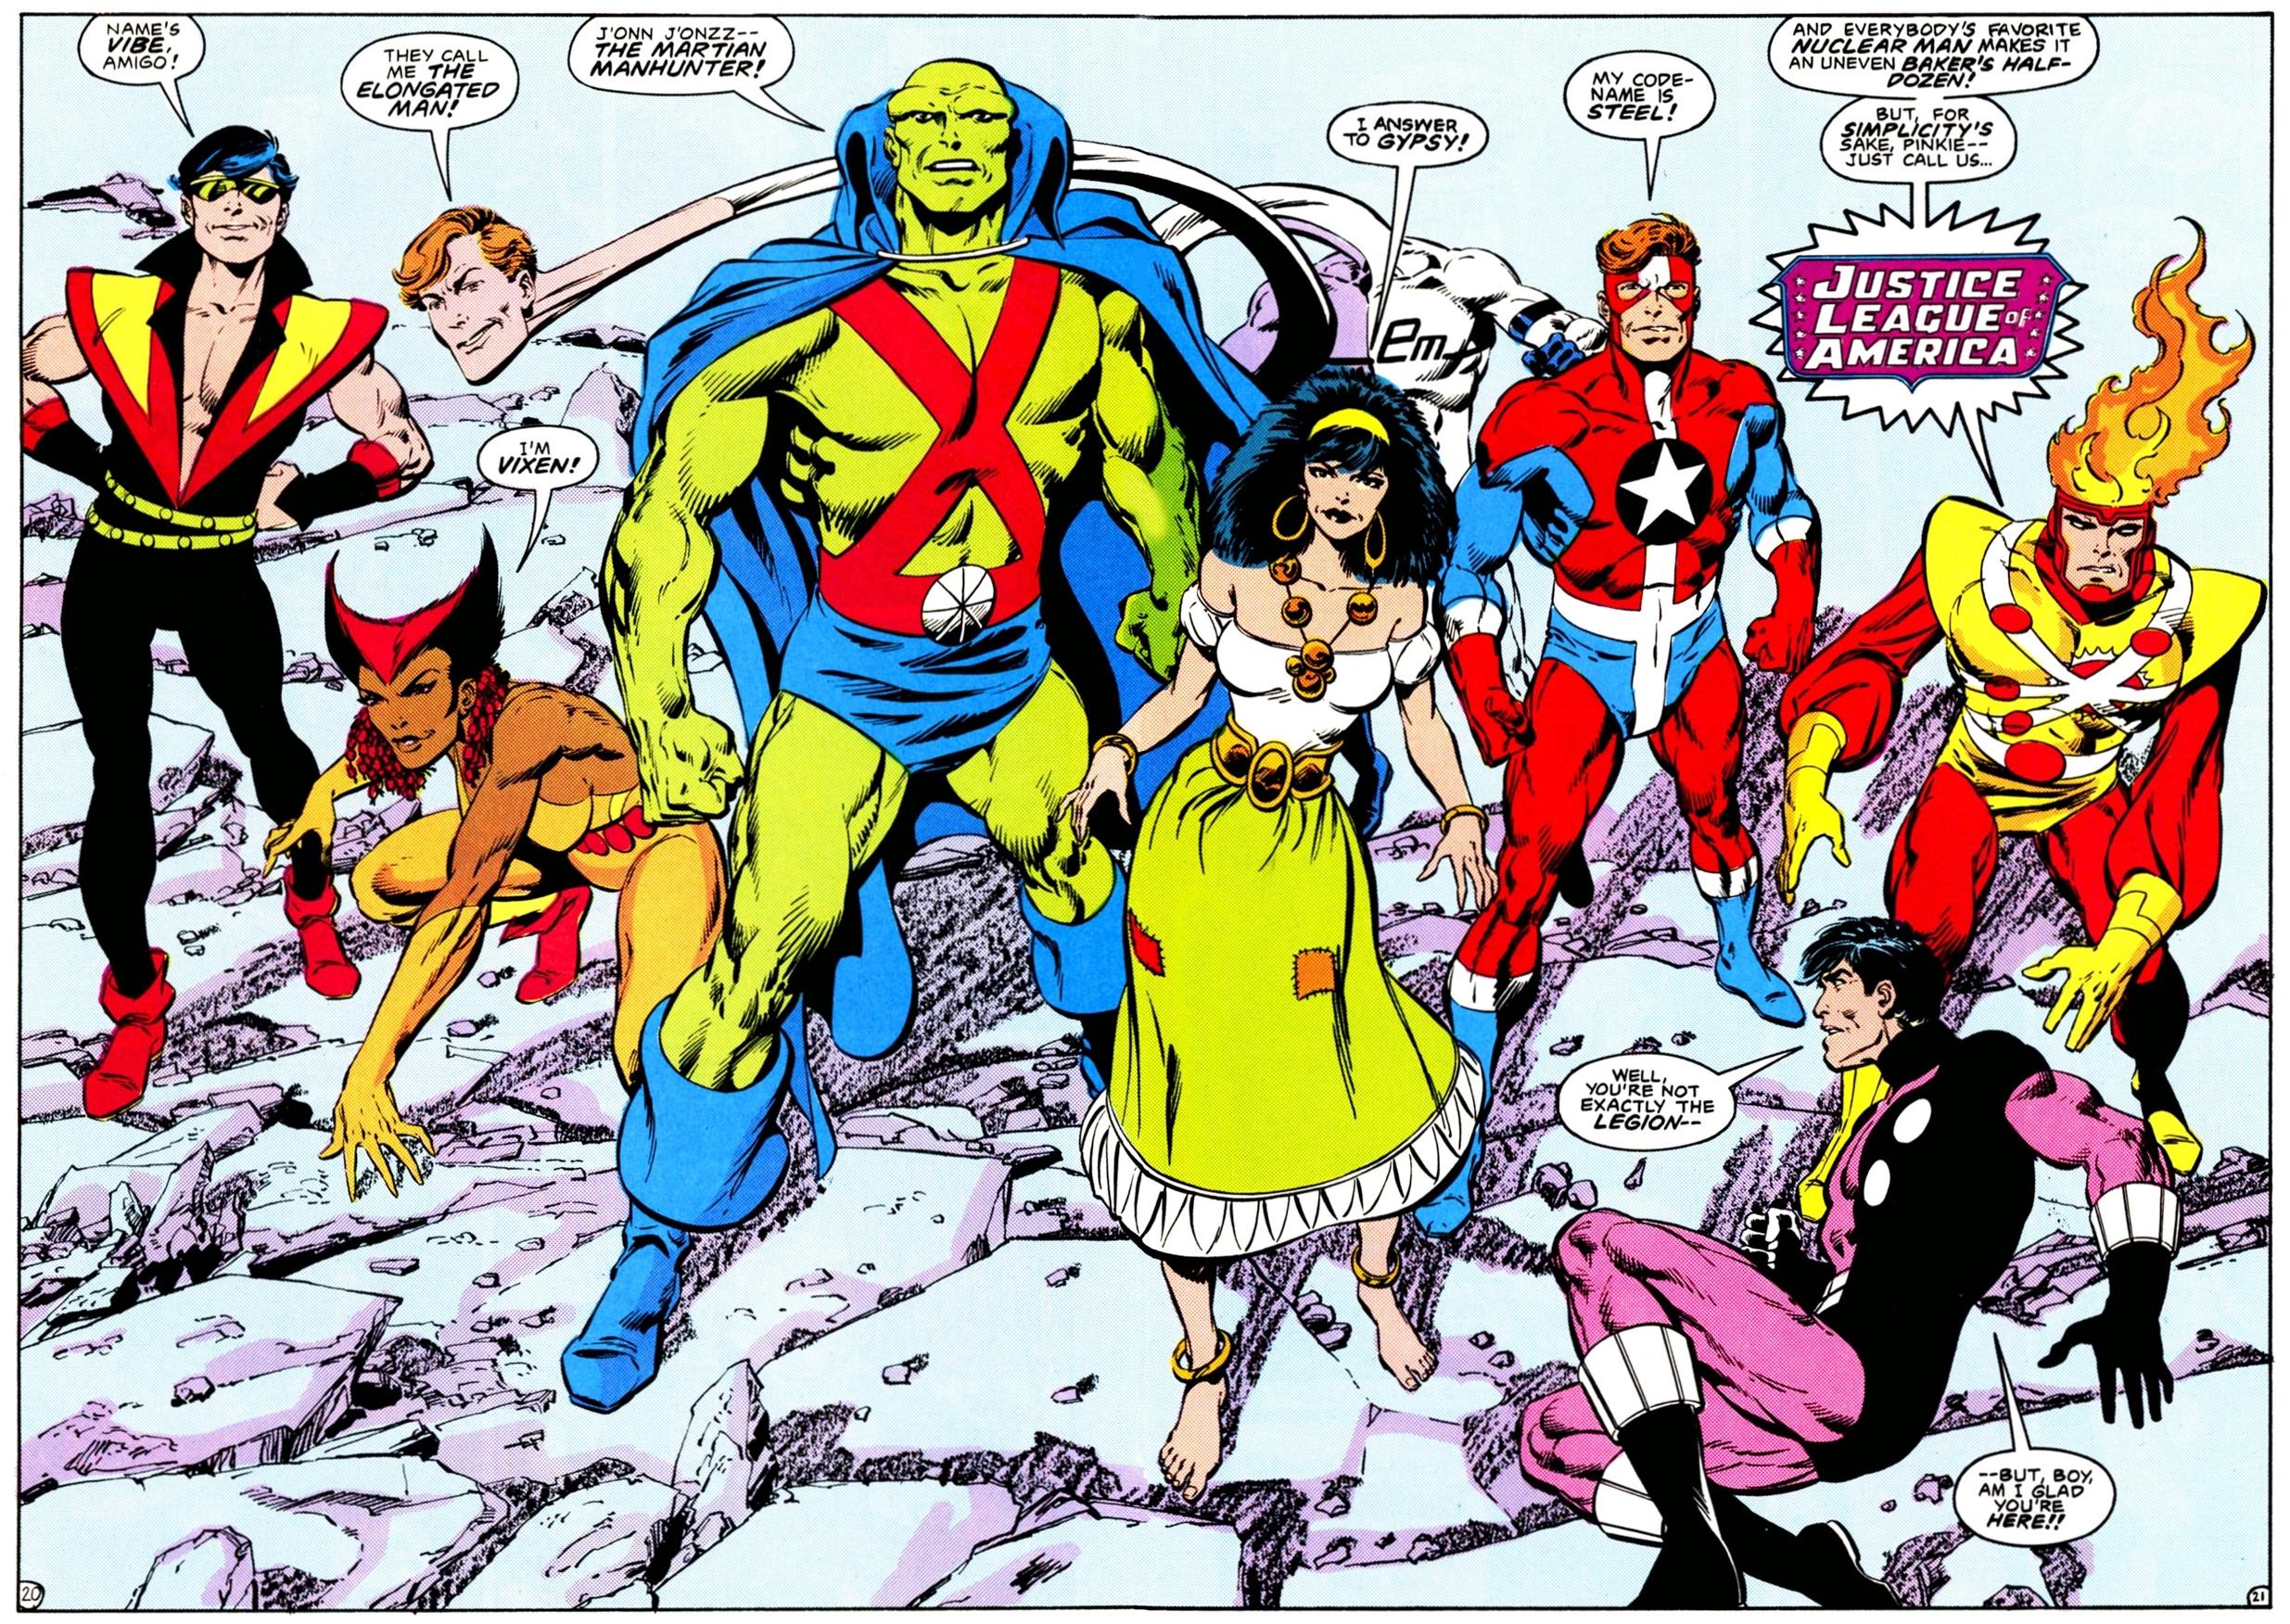 Justice League Detroit 003.jpg